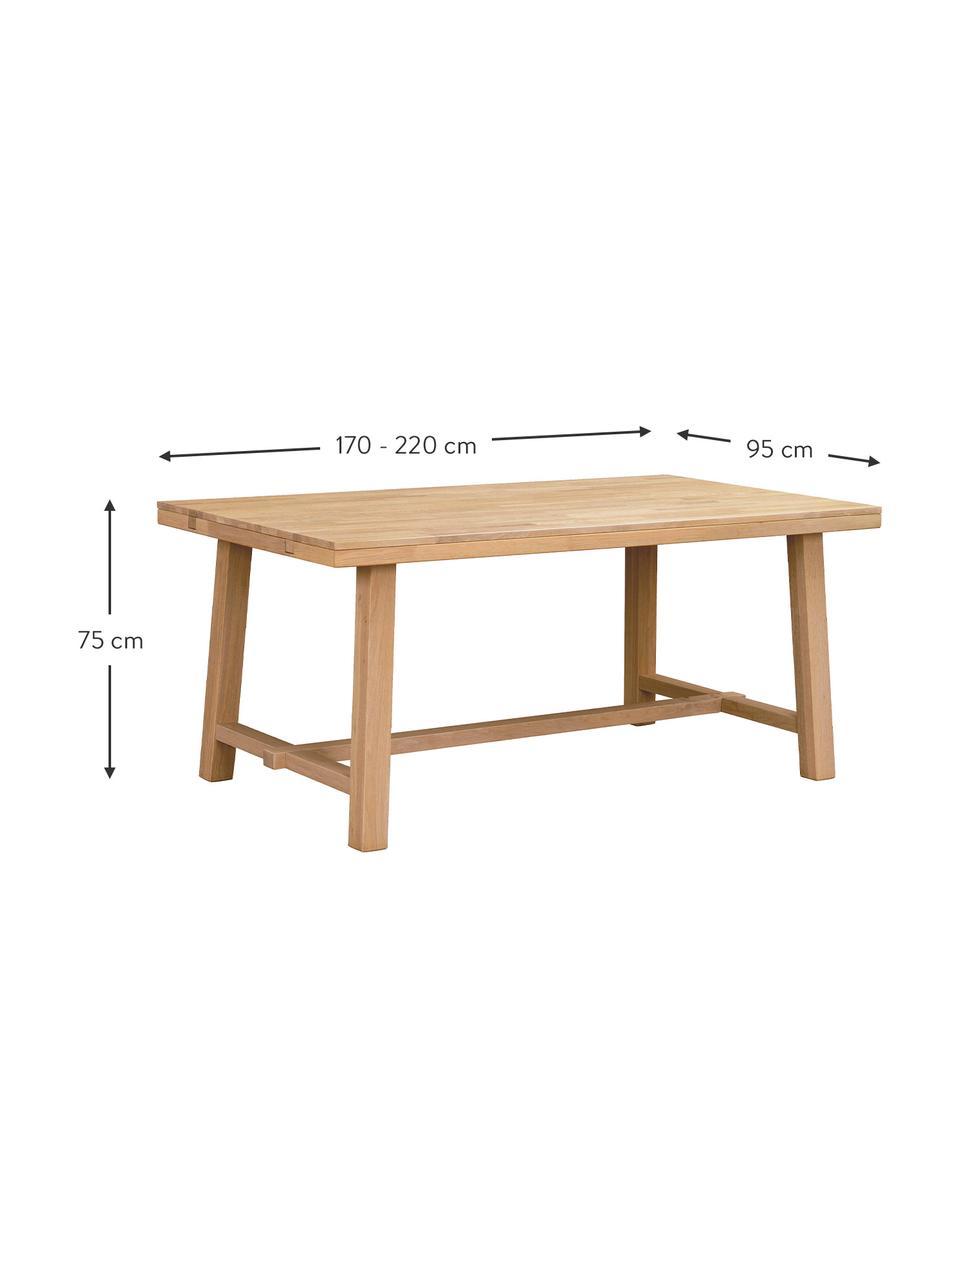 Verlengbare eettafel Brooklyn met massief houten blad, 170 - 220 x 95 cm, Massief geborsteld en gelakt eikenhout, Eikenhoutkleurig, B 170-220 x D 95 cm